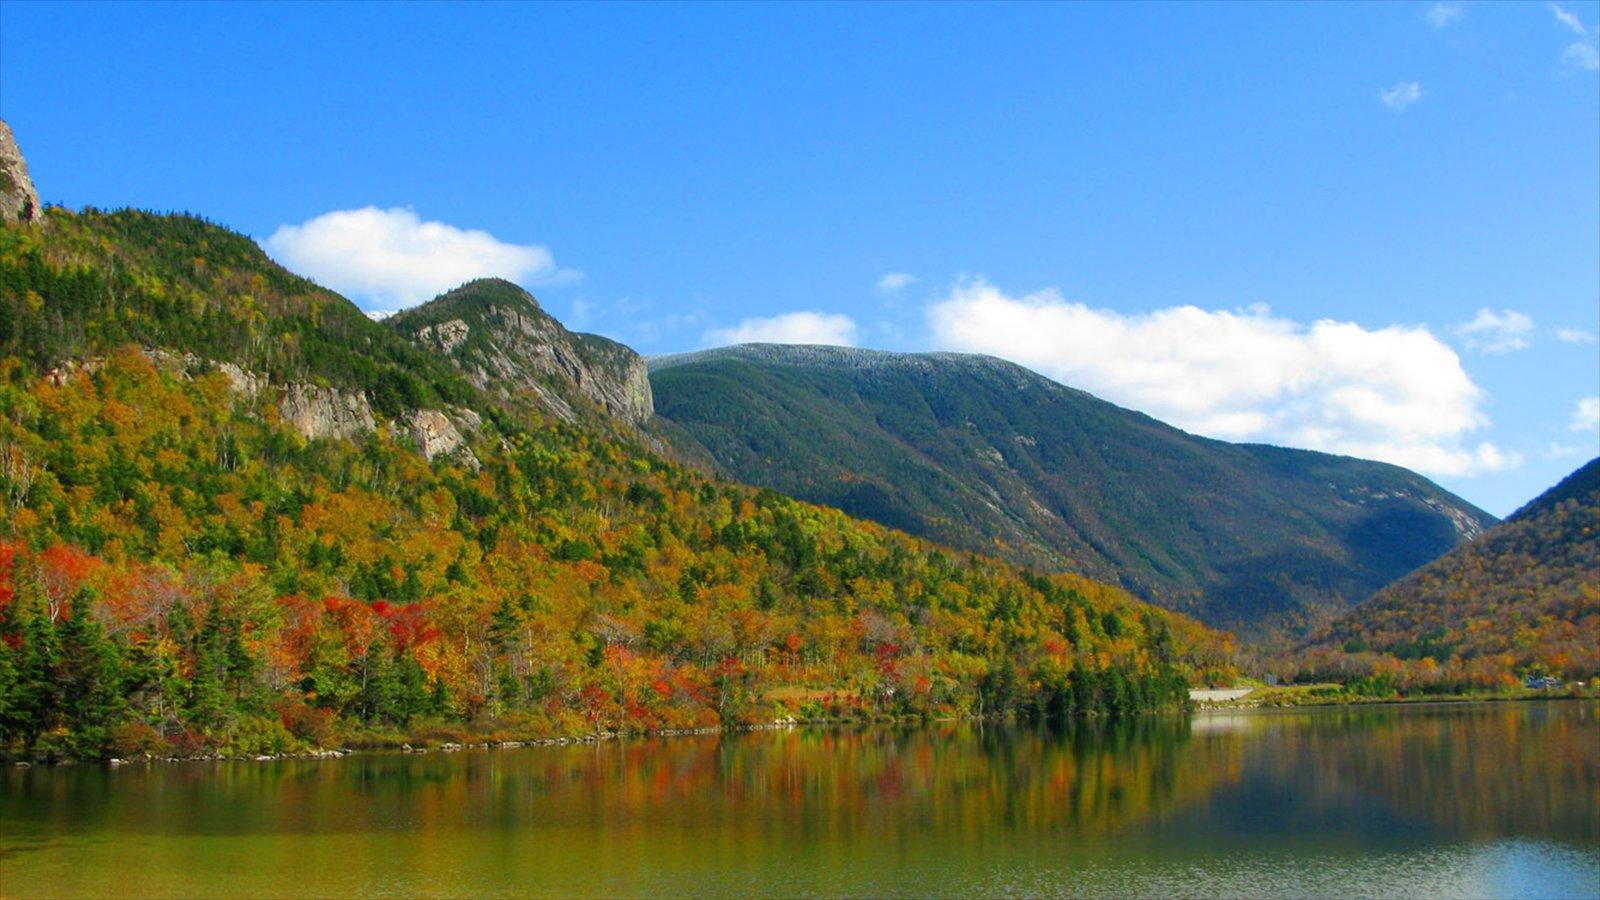 White Mountains caracterizando um lago ou charco, cenas tranquilas e paisagem